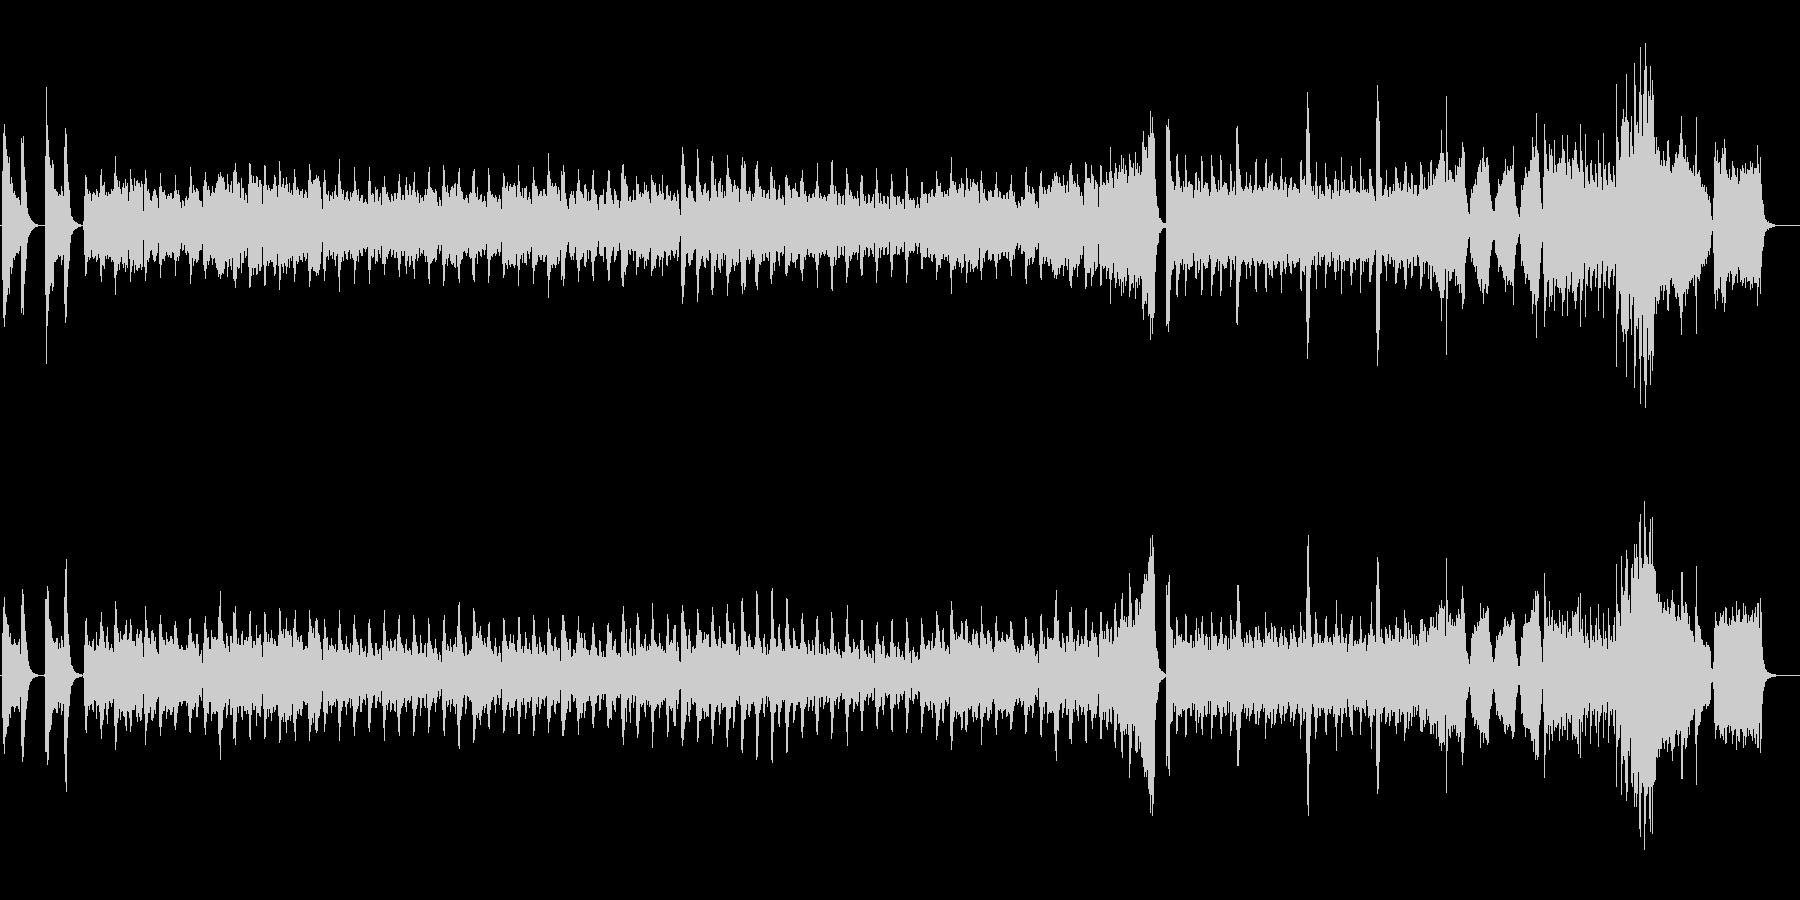 不穏なサスペンスのBGMの未再生の波形